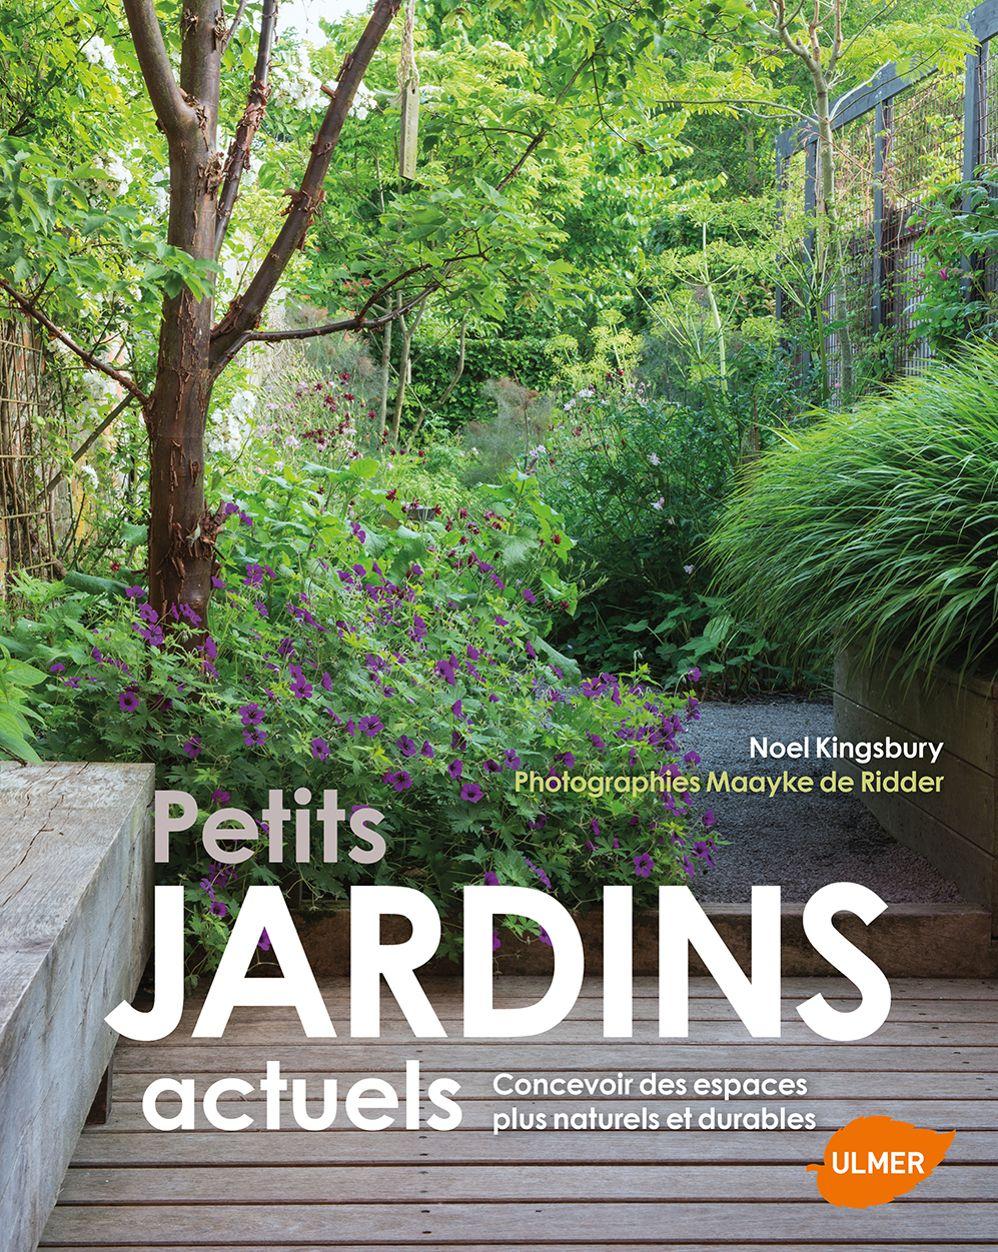 Aménager Son Petit Jardin tout des astuces pour aménager un petit jardin en ville